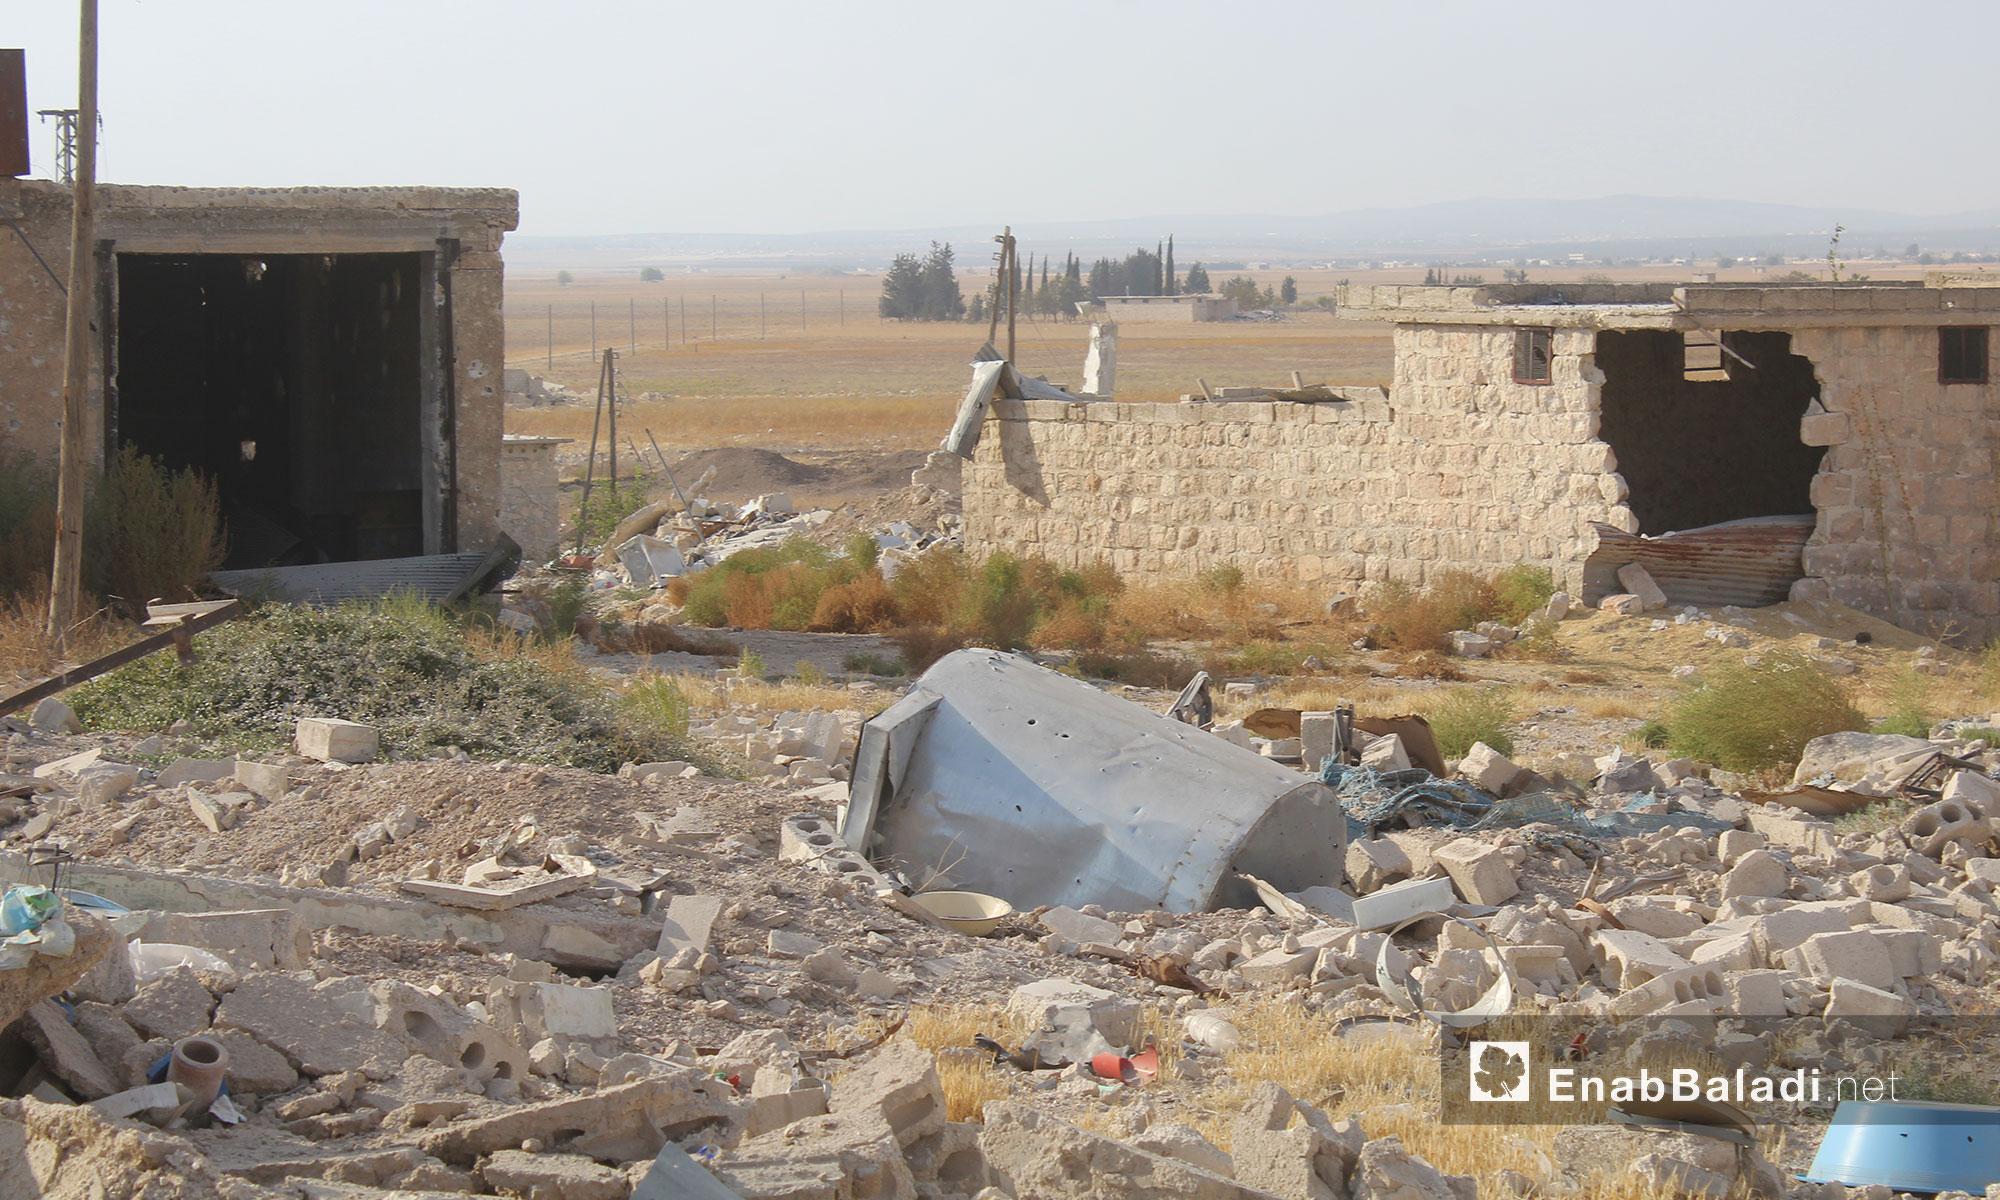 آثار الدمار الذي لحق بقرية الطوقلي في ريف حلب الشمالي - 11 كانون الأول 2016 (عنب بلدي)